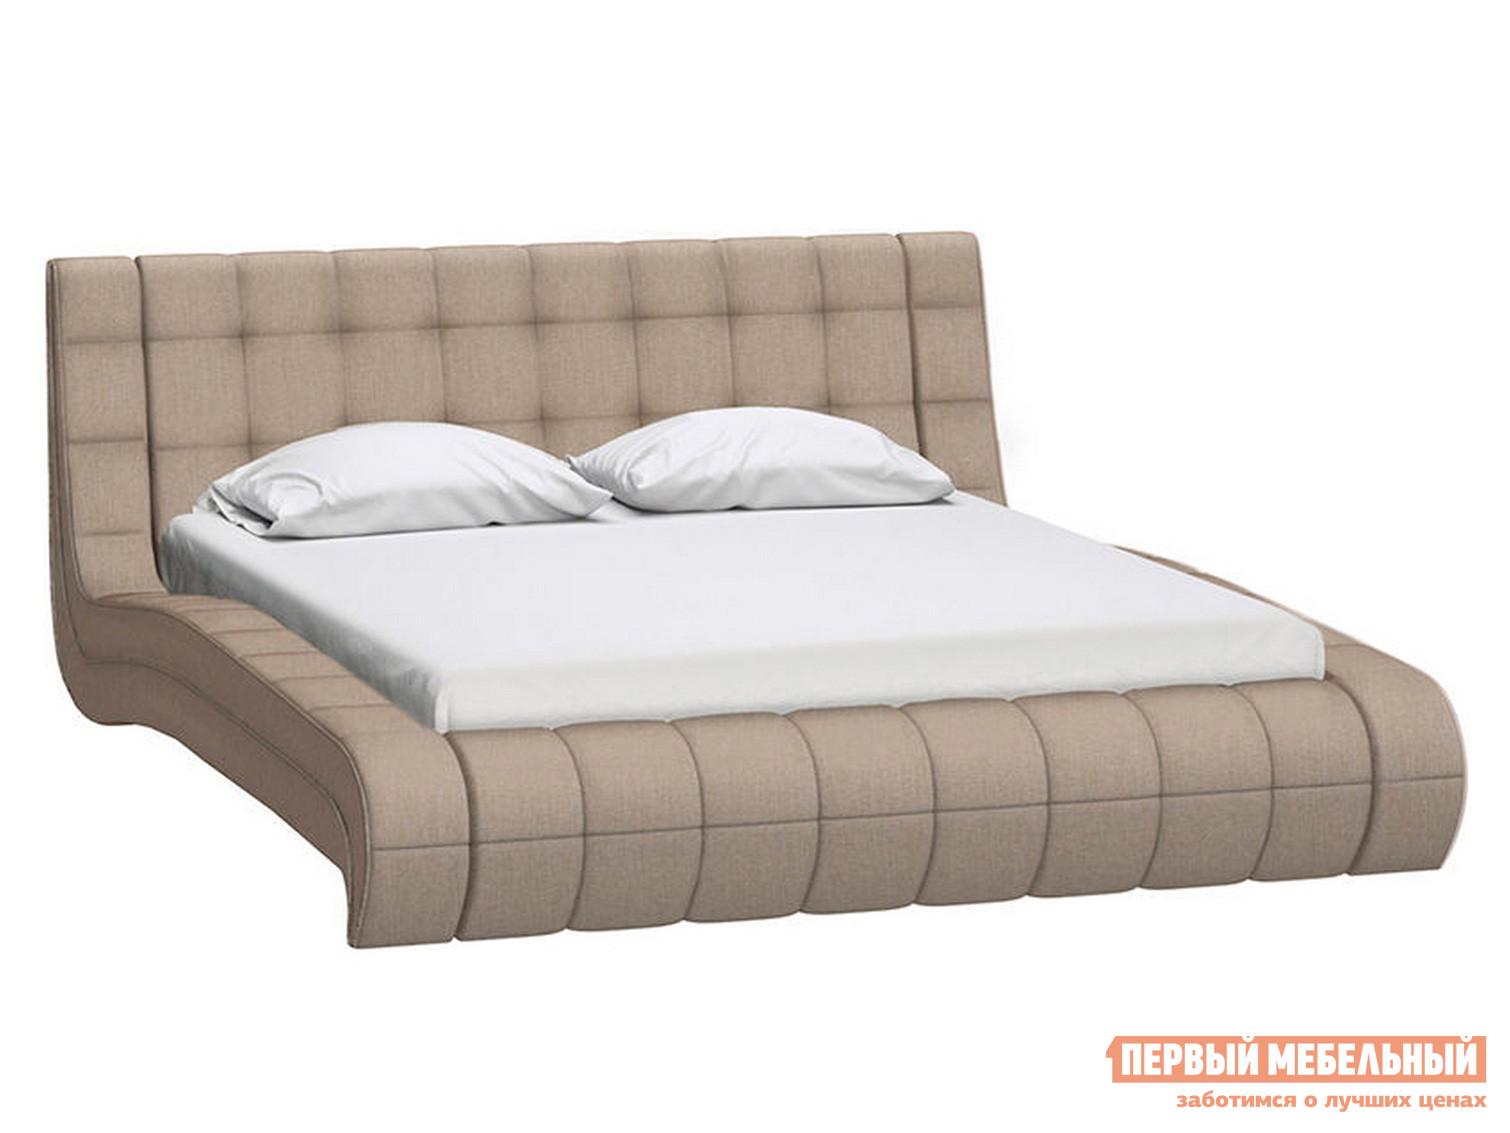 Двуспальная кровать Первый Мебельный Кровать Милано с ортопедическим основанием